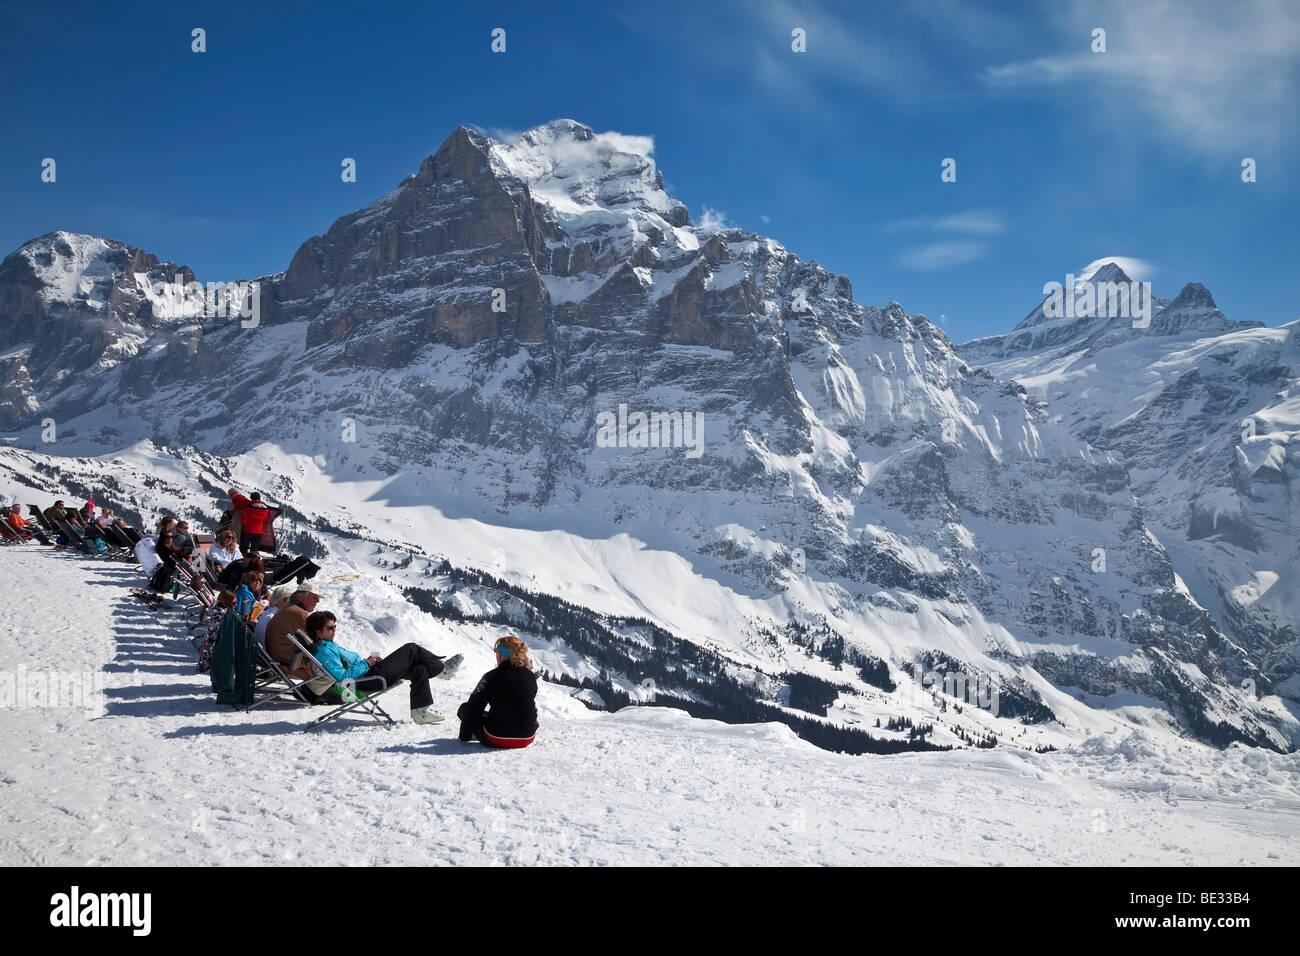 Entspannung vor einem Berg Restaurant, Grindelwald, Jungfrau Region, Berner Oberland, Schweizer Alpen, Schweiz Stockbild